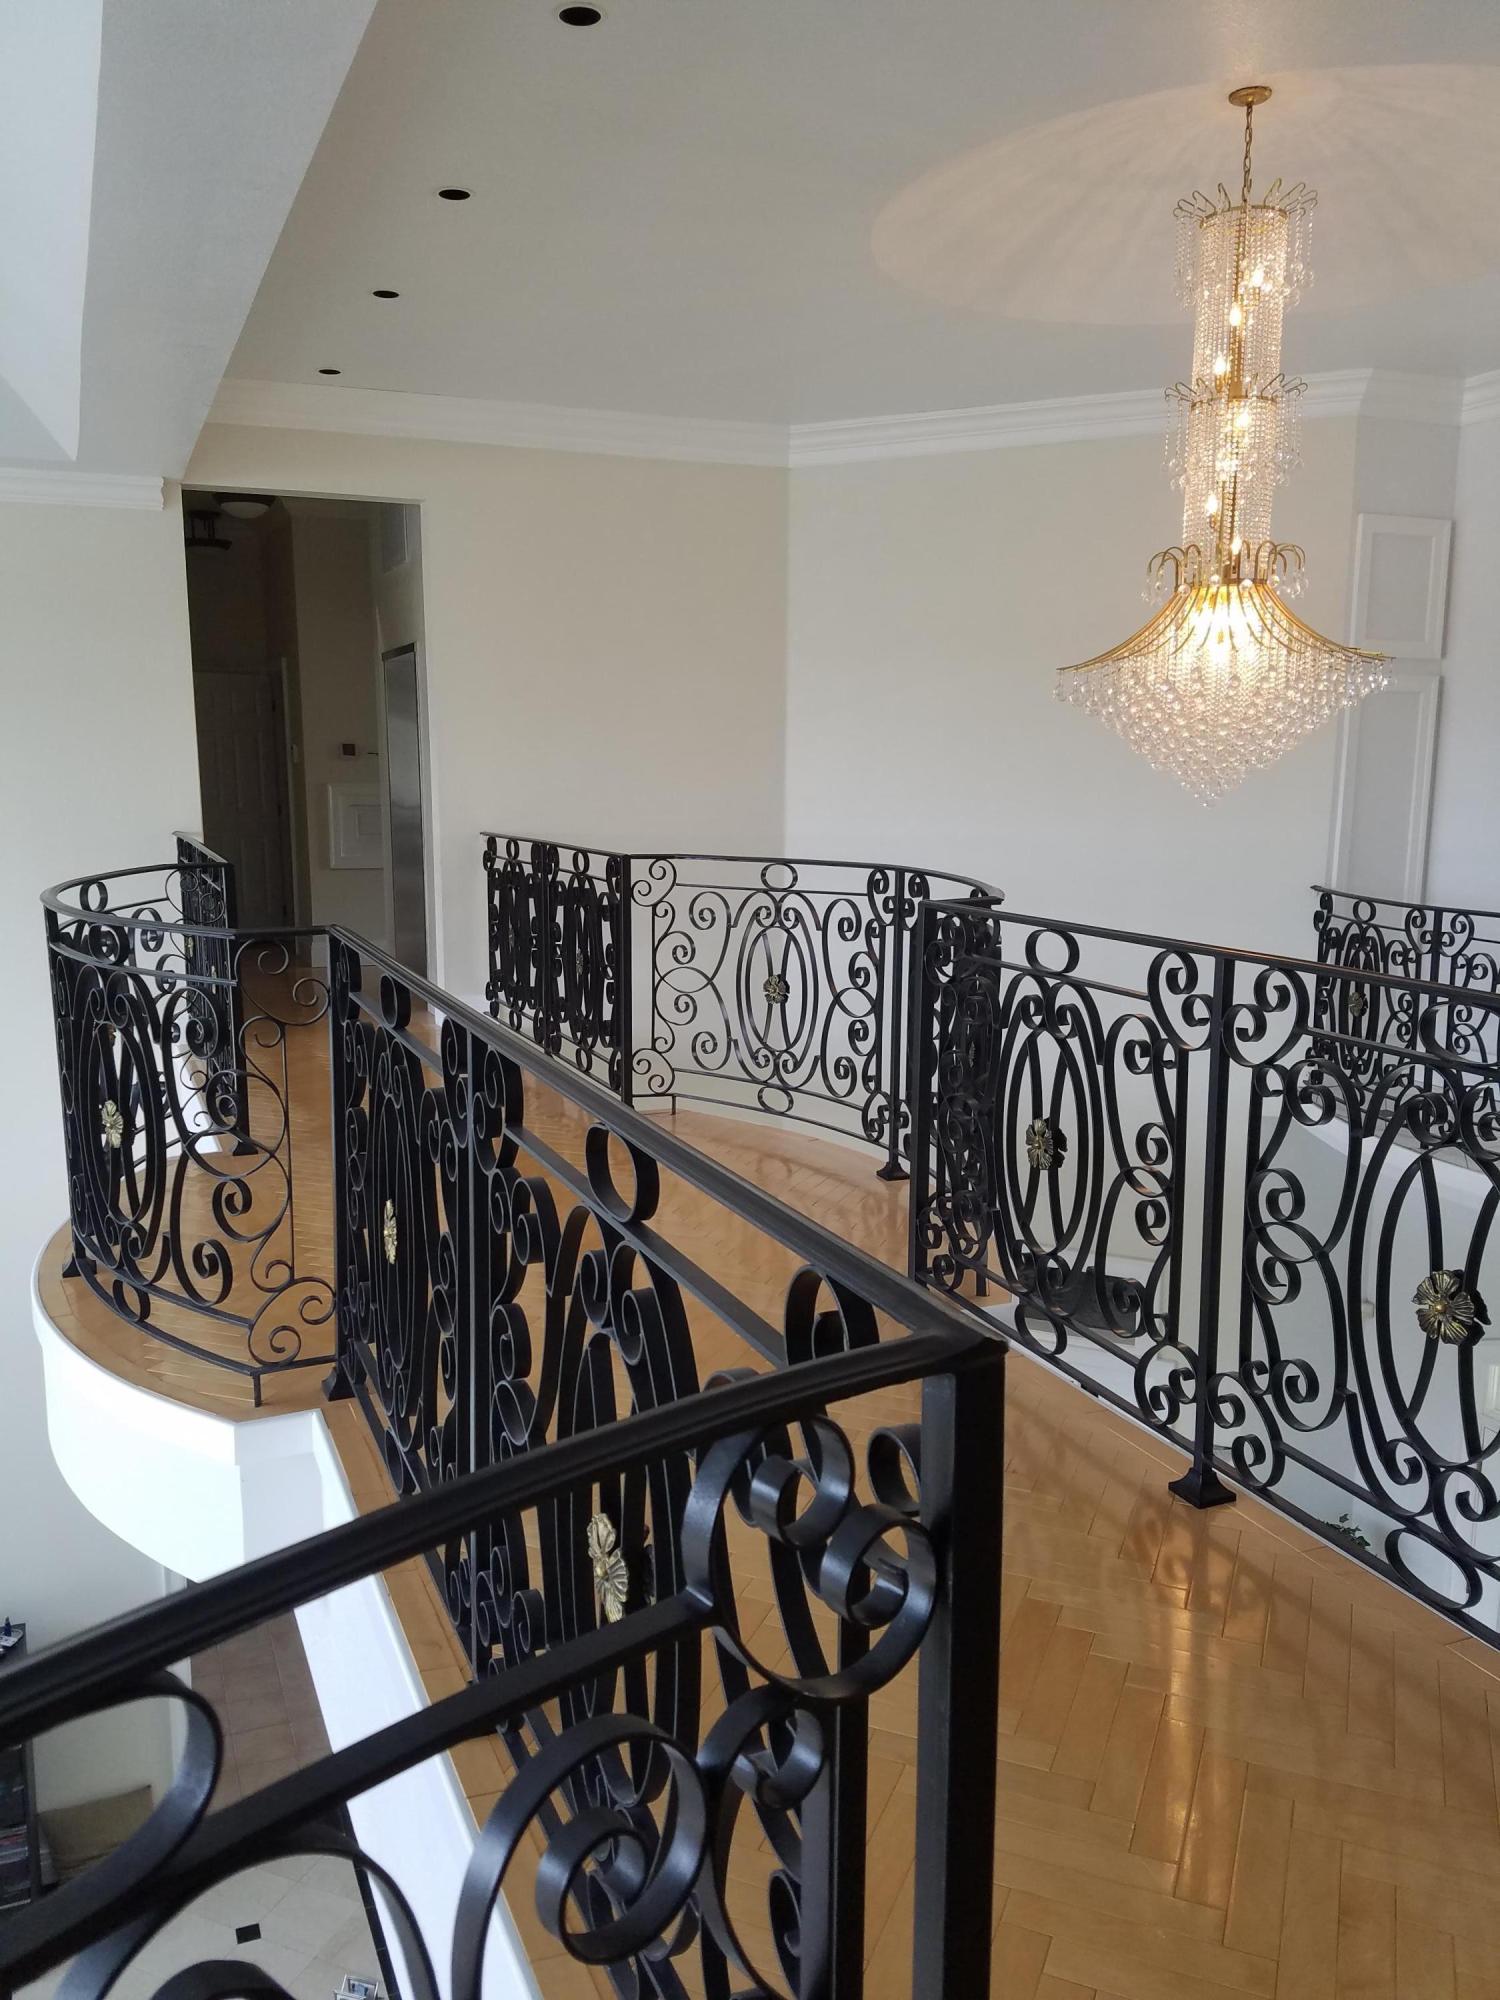 2Nd Level Catwalk Over Grand Room/Foyer